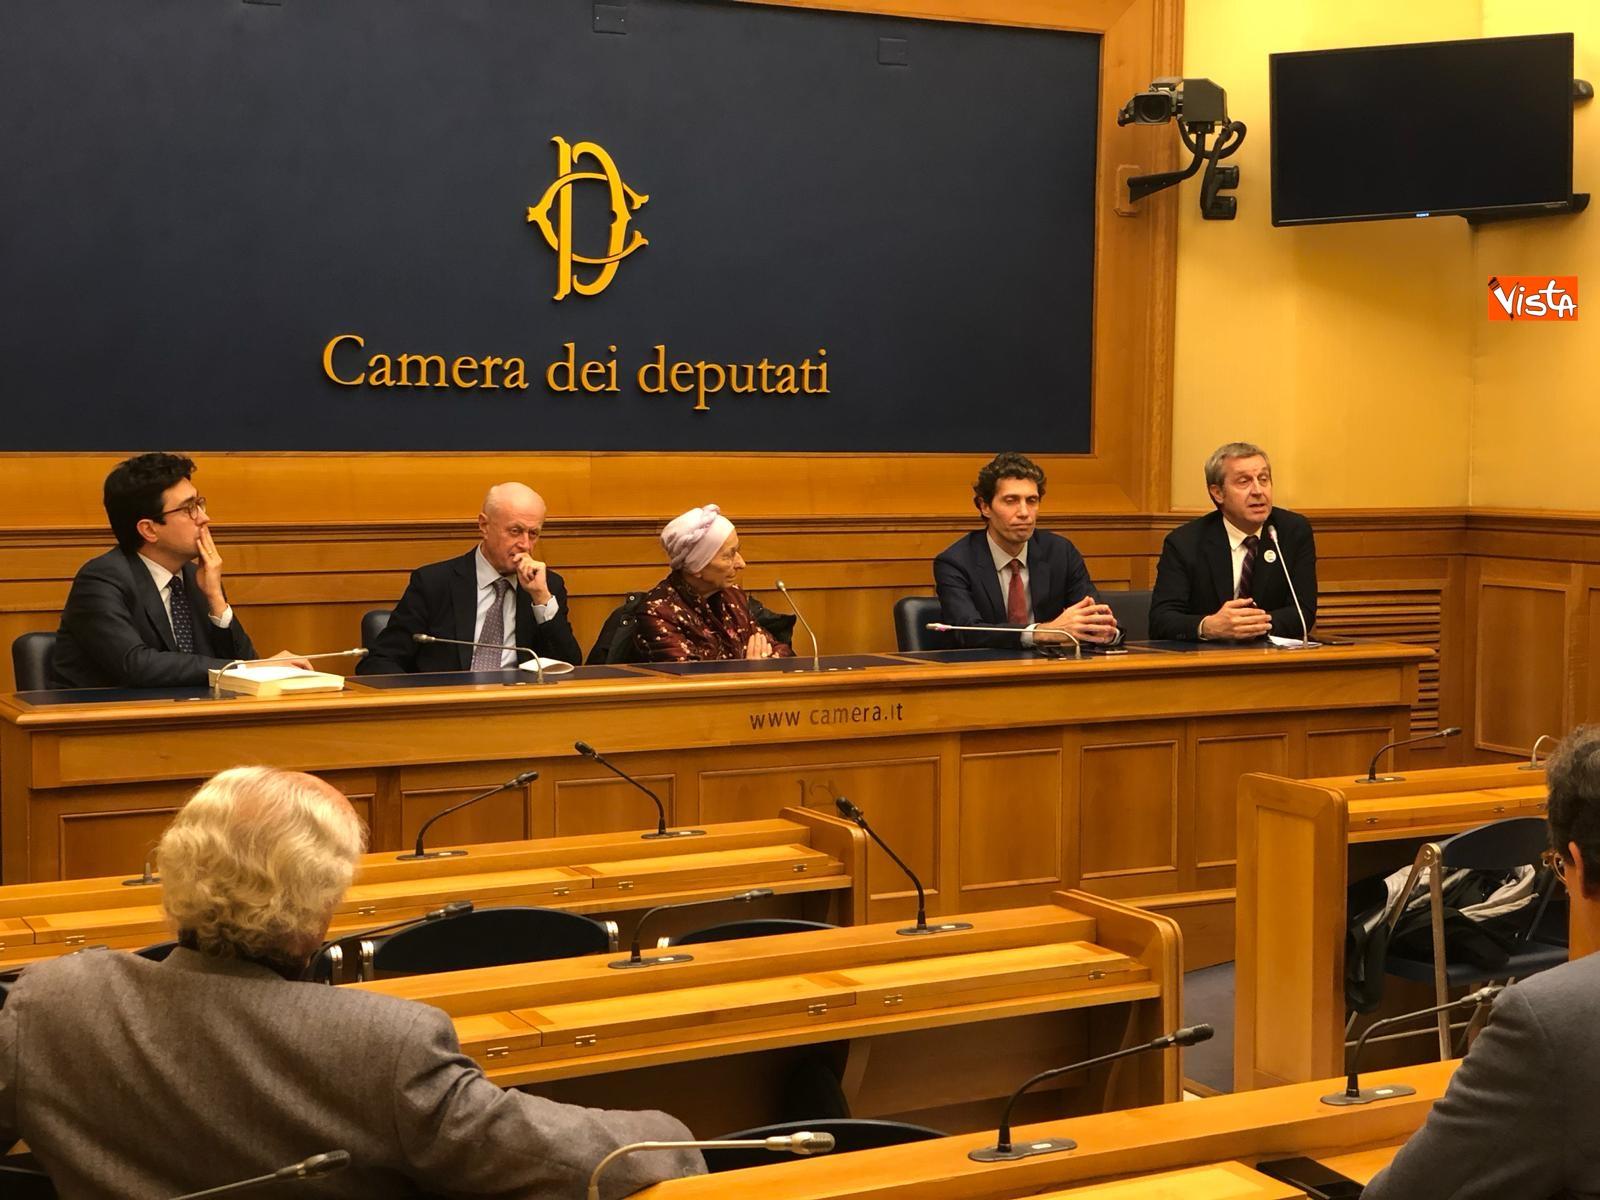 Alessandro Fusacchia, Bruno Tabacci, Emma Bonino, Riccardo Magi, Benedetto Della Vedova